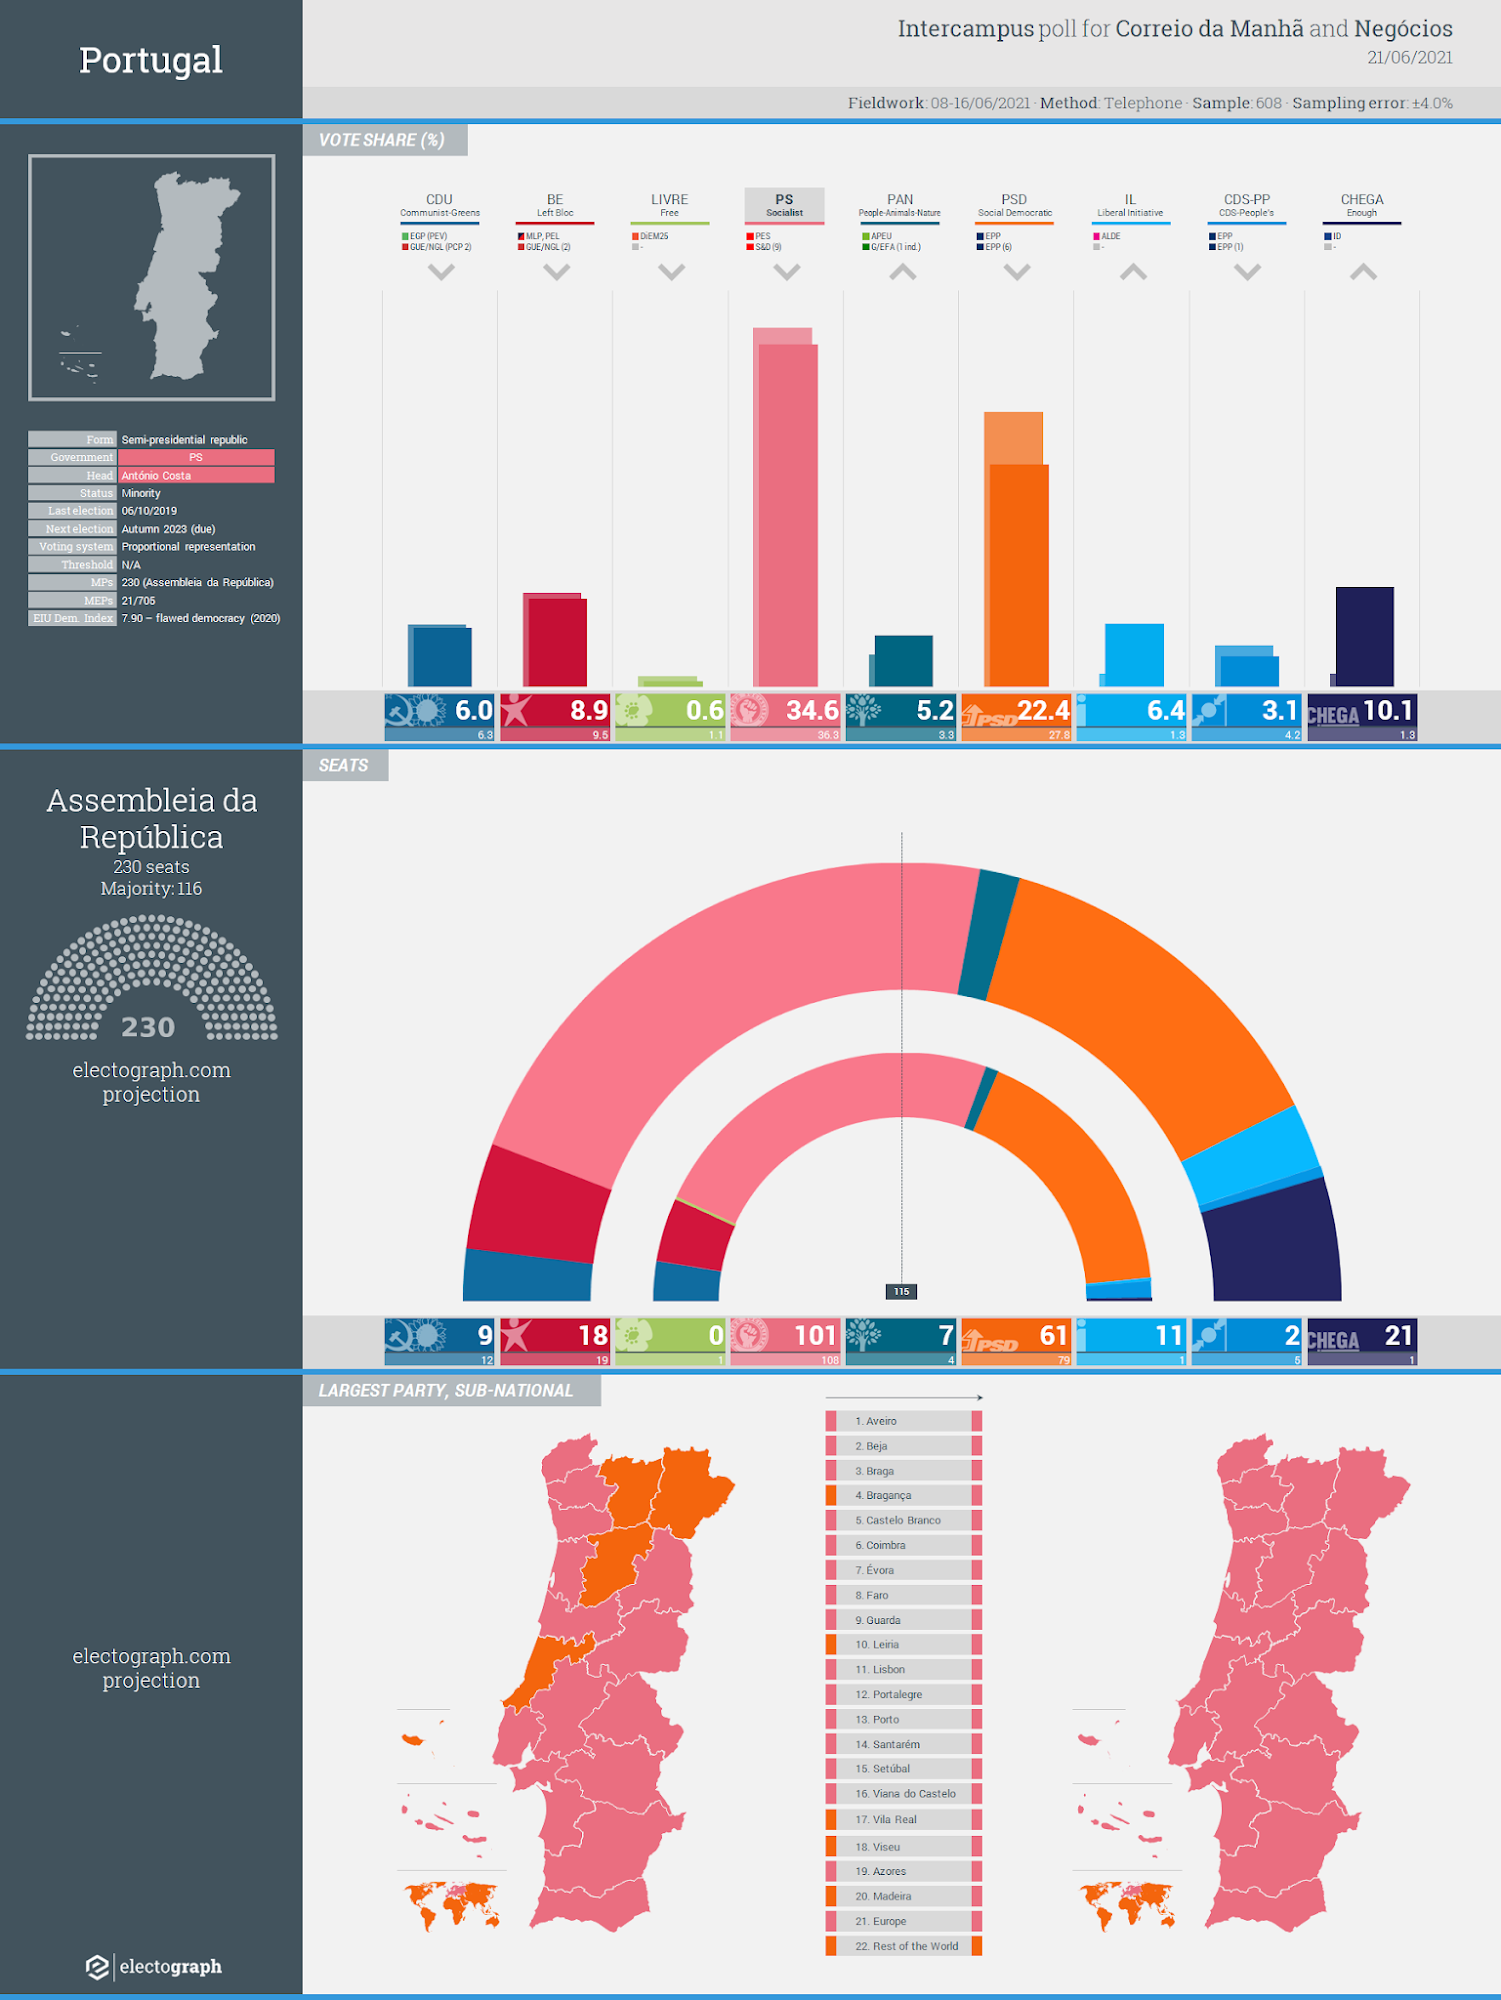 PORTUGAL: Intercampus poll chart for Correio da Manhã and Negócios, 21 June 2021